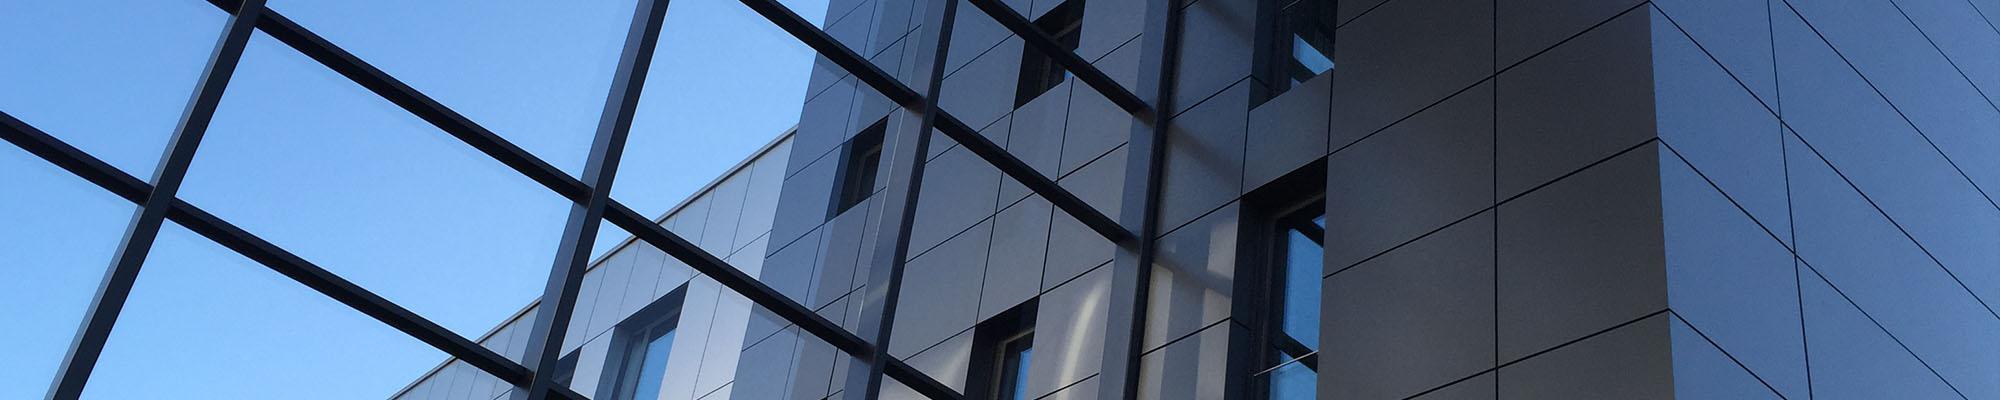 Zu sehen ist die Fassade des Firmensitzes der Tarifhaus AG in München.